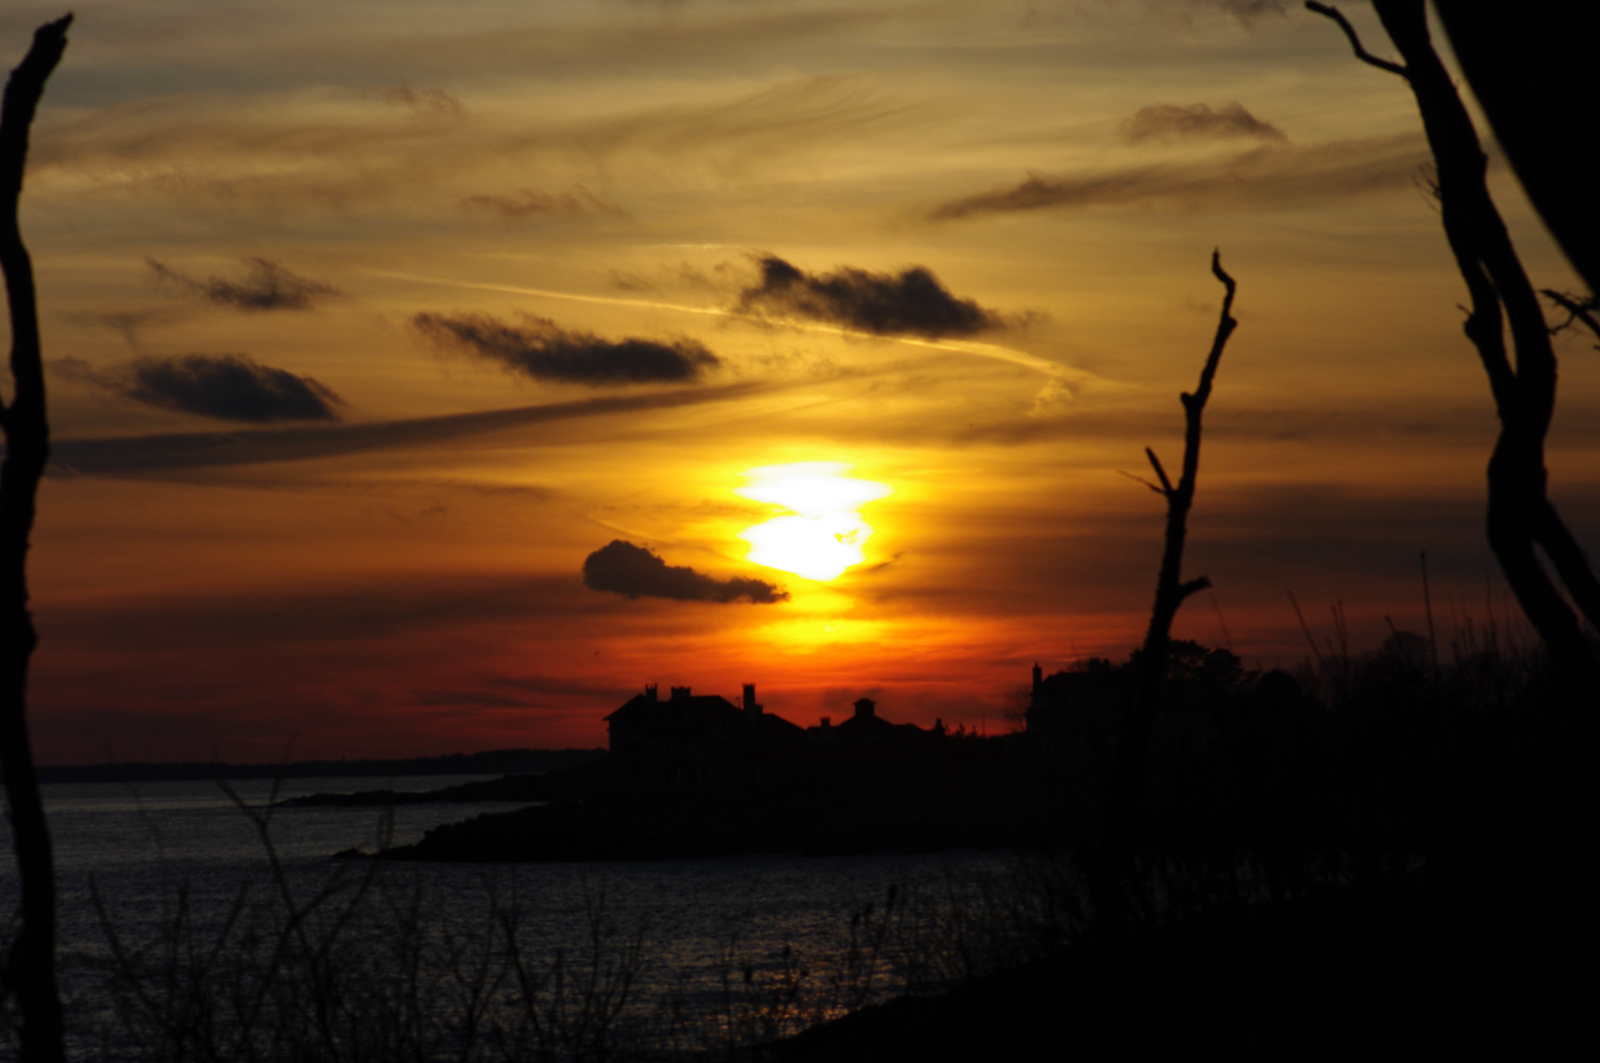 Sunset in Magnolia